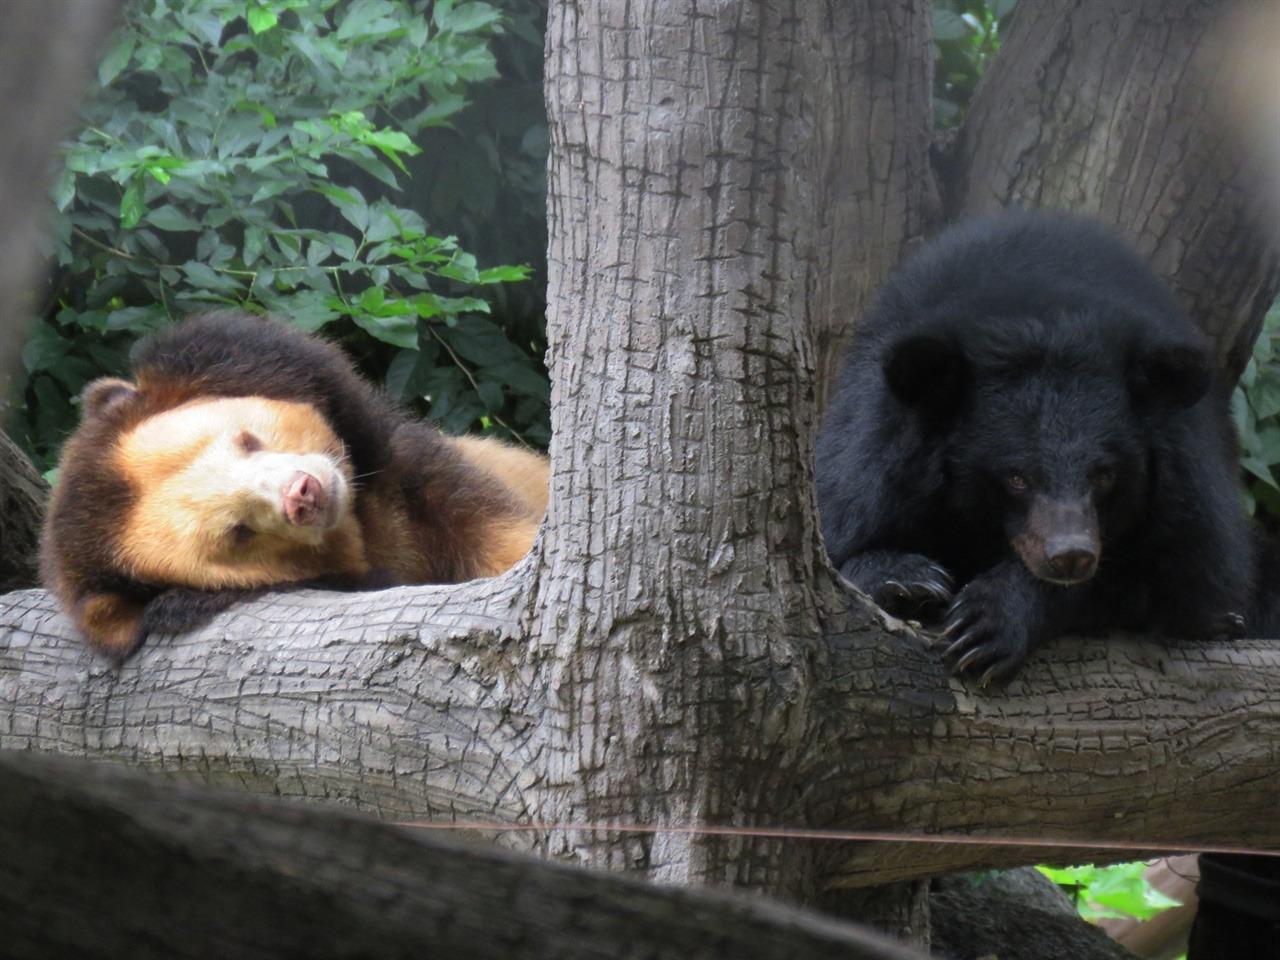 사자처럼 생겨서 유명해진 반달곰(좌)